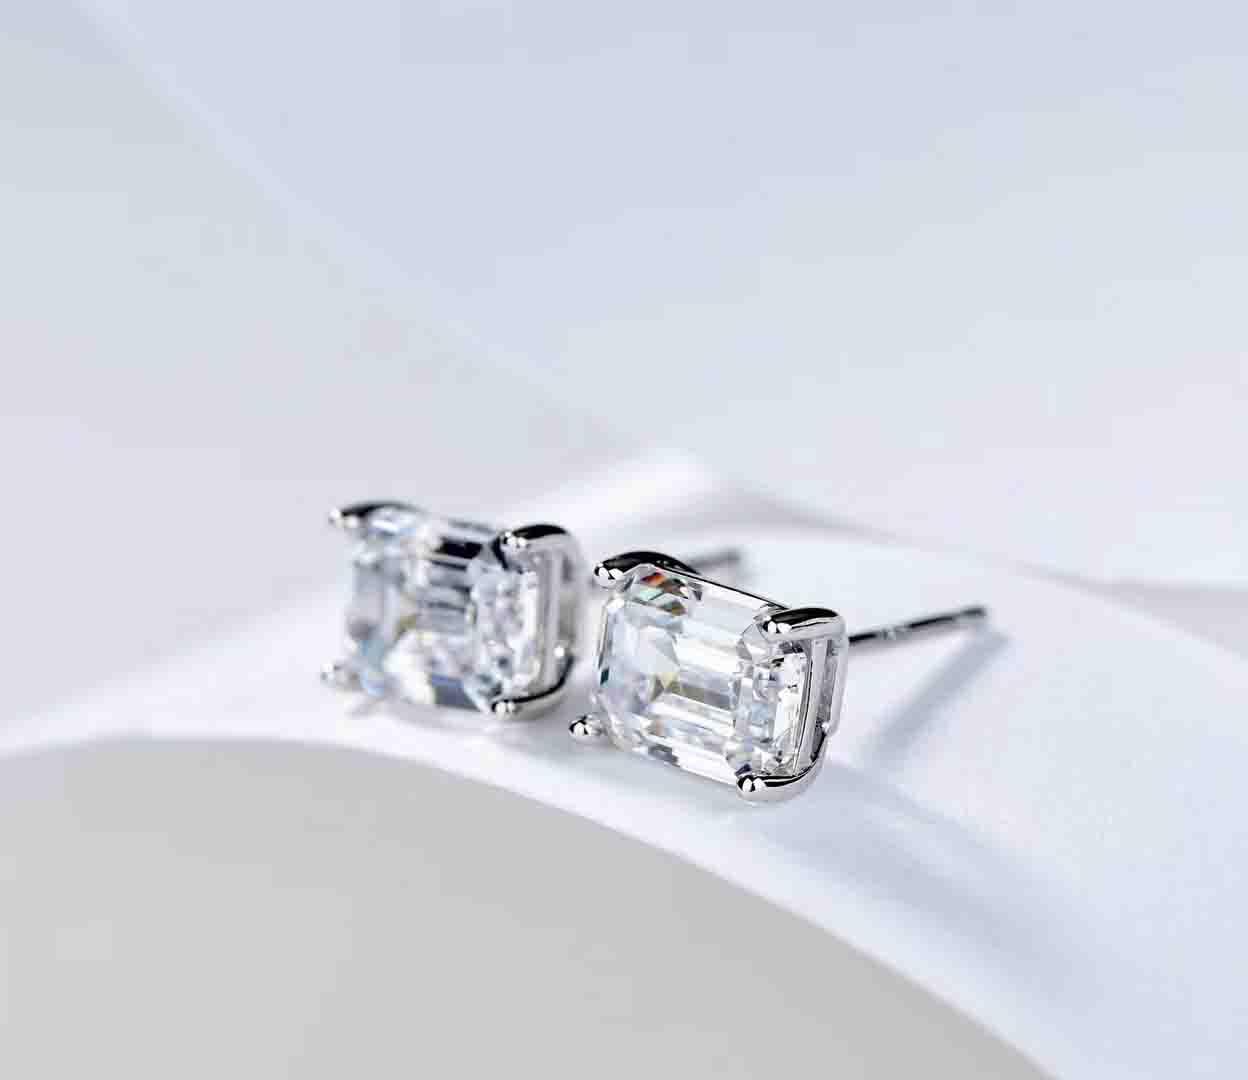 argent Fashion-S925 charme de luxe féminin de qualité OREILLES Décore diamant carré femmes cadeau de mariage PS6818A